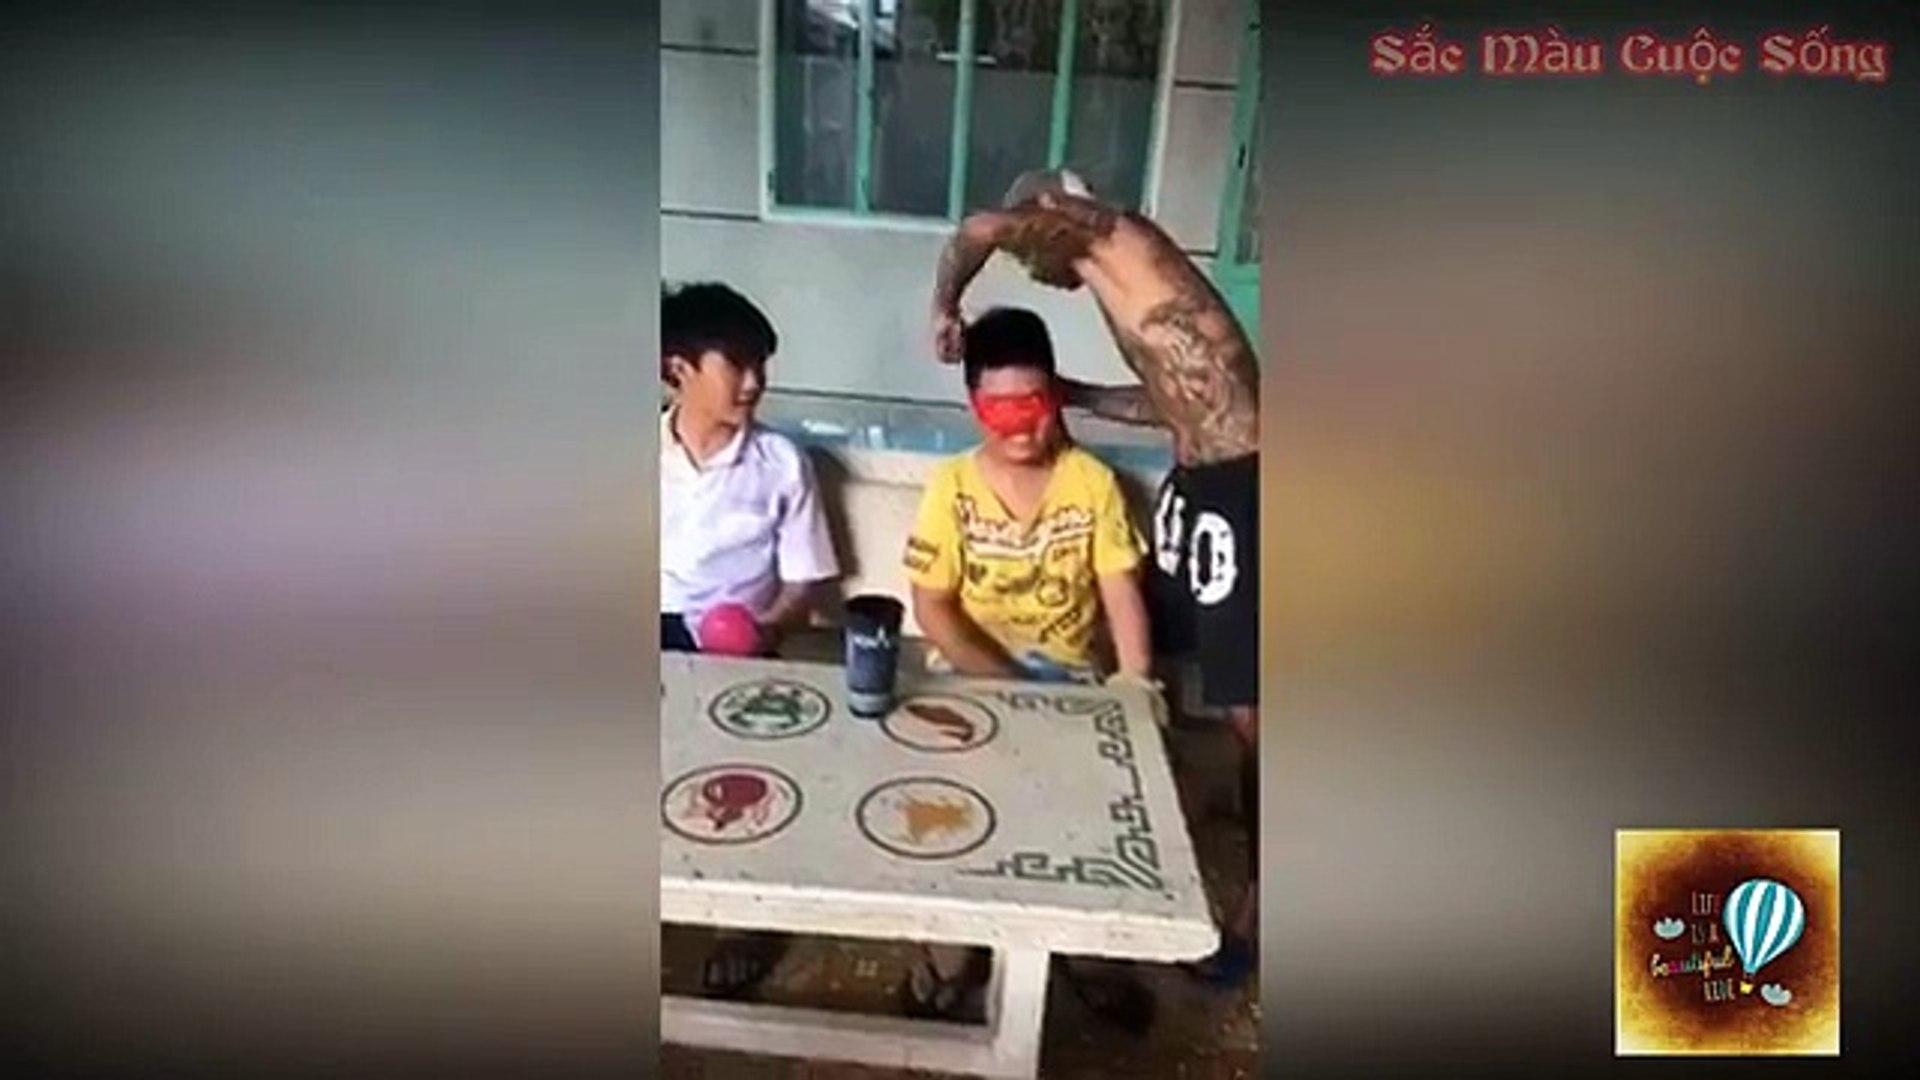 Clip Hài | Những tình huống Troll bá đạo khiến bạn cười chảy cả nước mũi